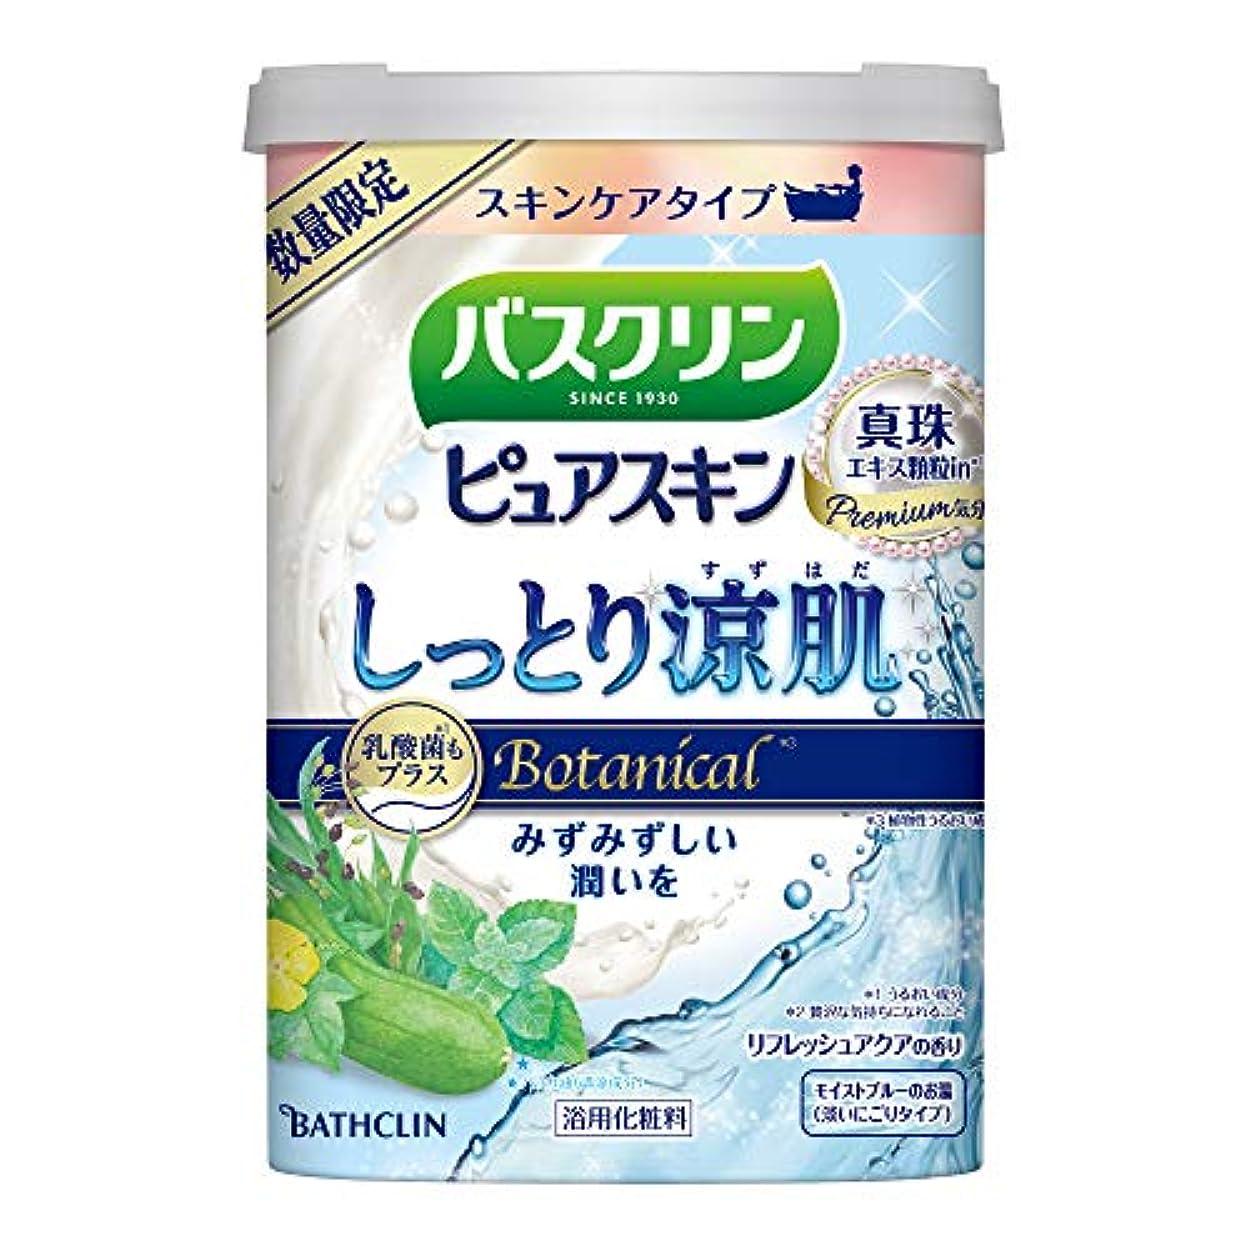 一貫したビヨンフォアタイプ【数量限定品】バスクリンピュアスキン入浴剤 しっとり涼肌600g(約30回分) スキンケアにごりタイプ 保湿